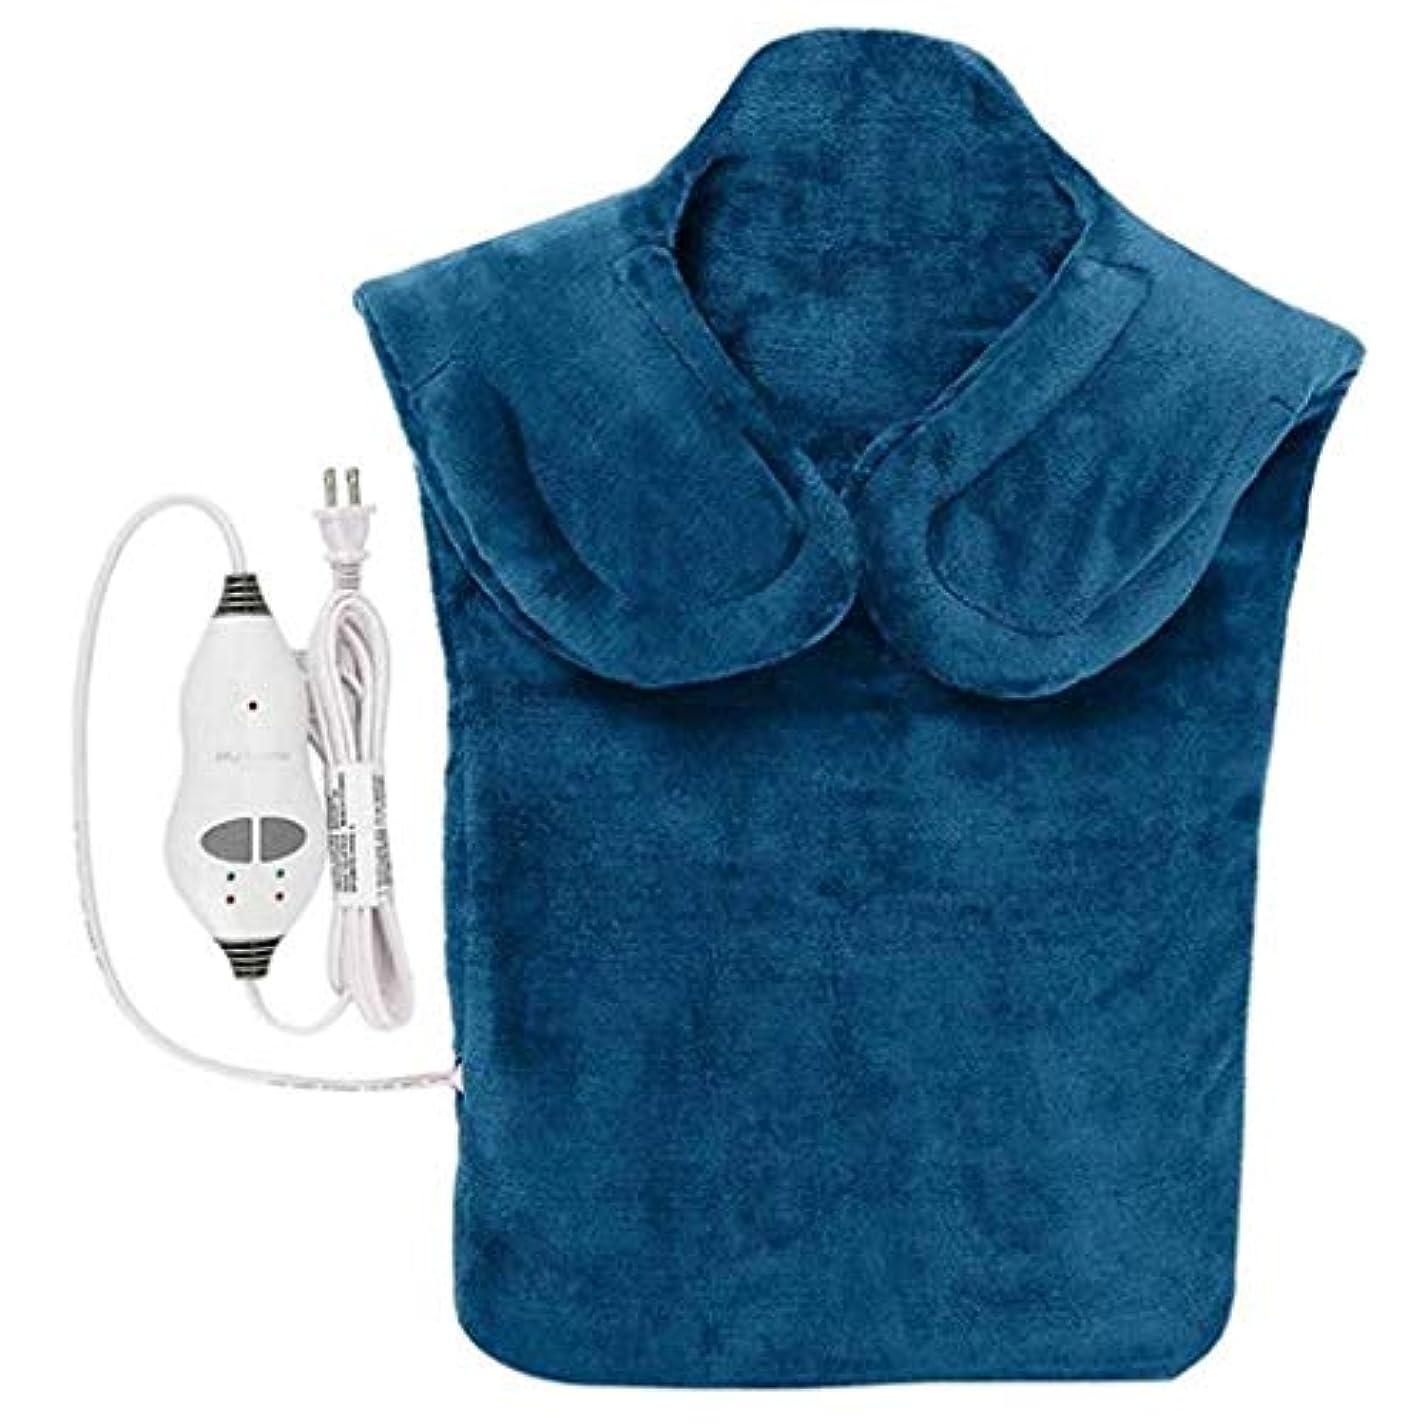 差し控えるヘルメット視聴者ネックマッサージャー、電気マッサージ器、首暖房パッド、フランネルヘルスケアパッケージ首/肩/戻る血液循環を促進、筋肉の痛みを和らげる、暖かい保つために (Color : 青, Size : One size)